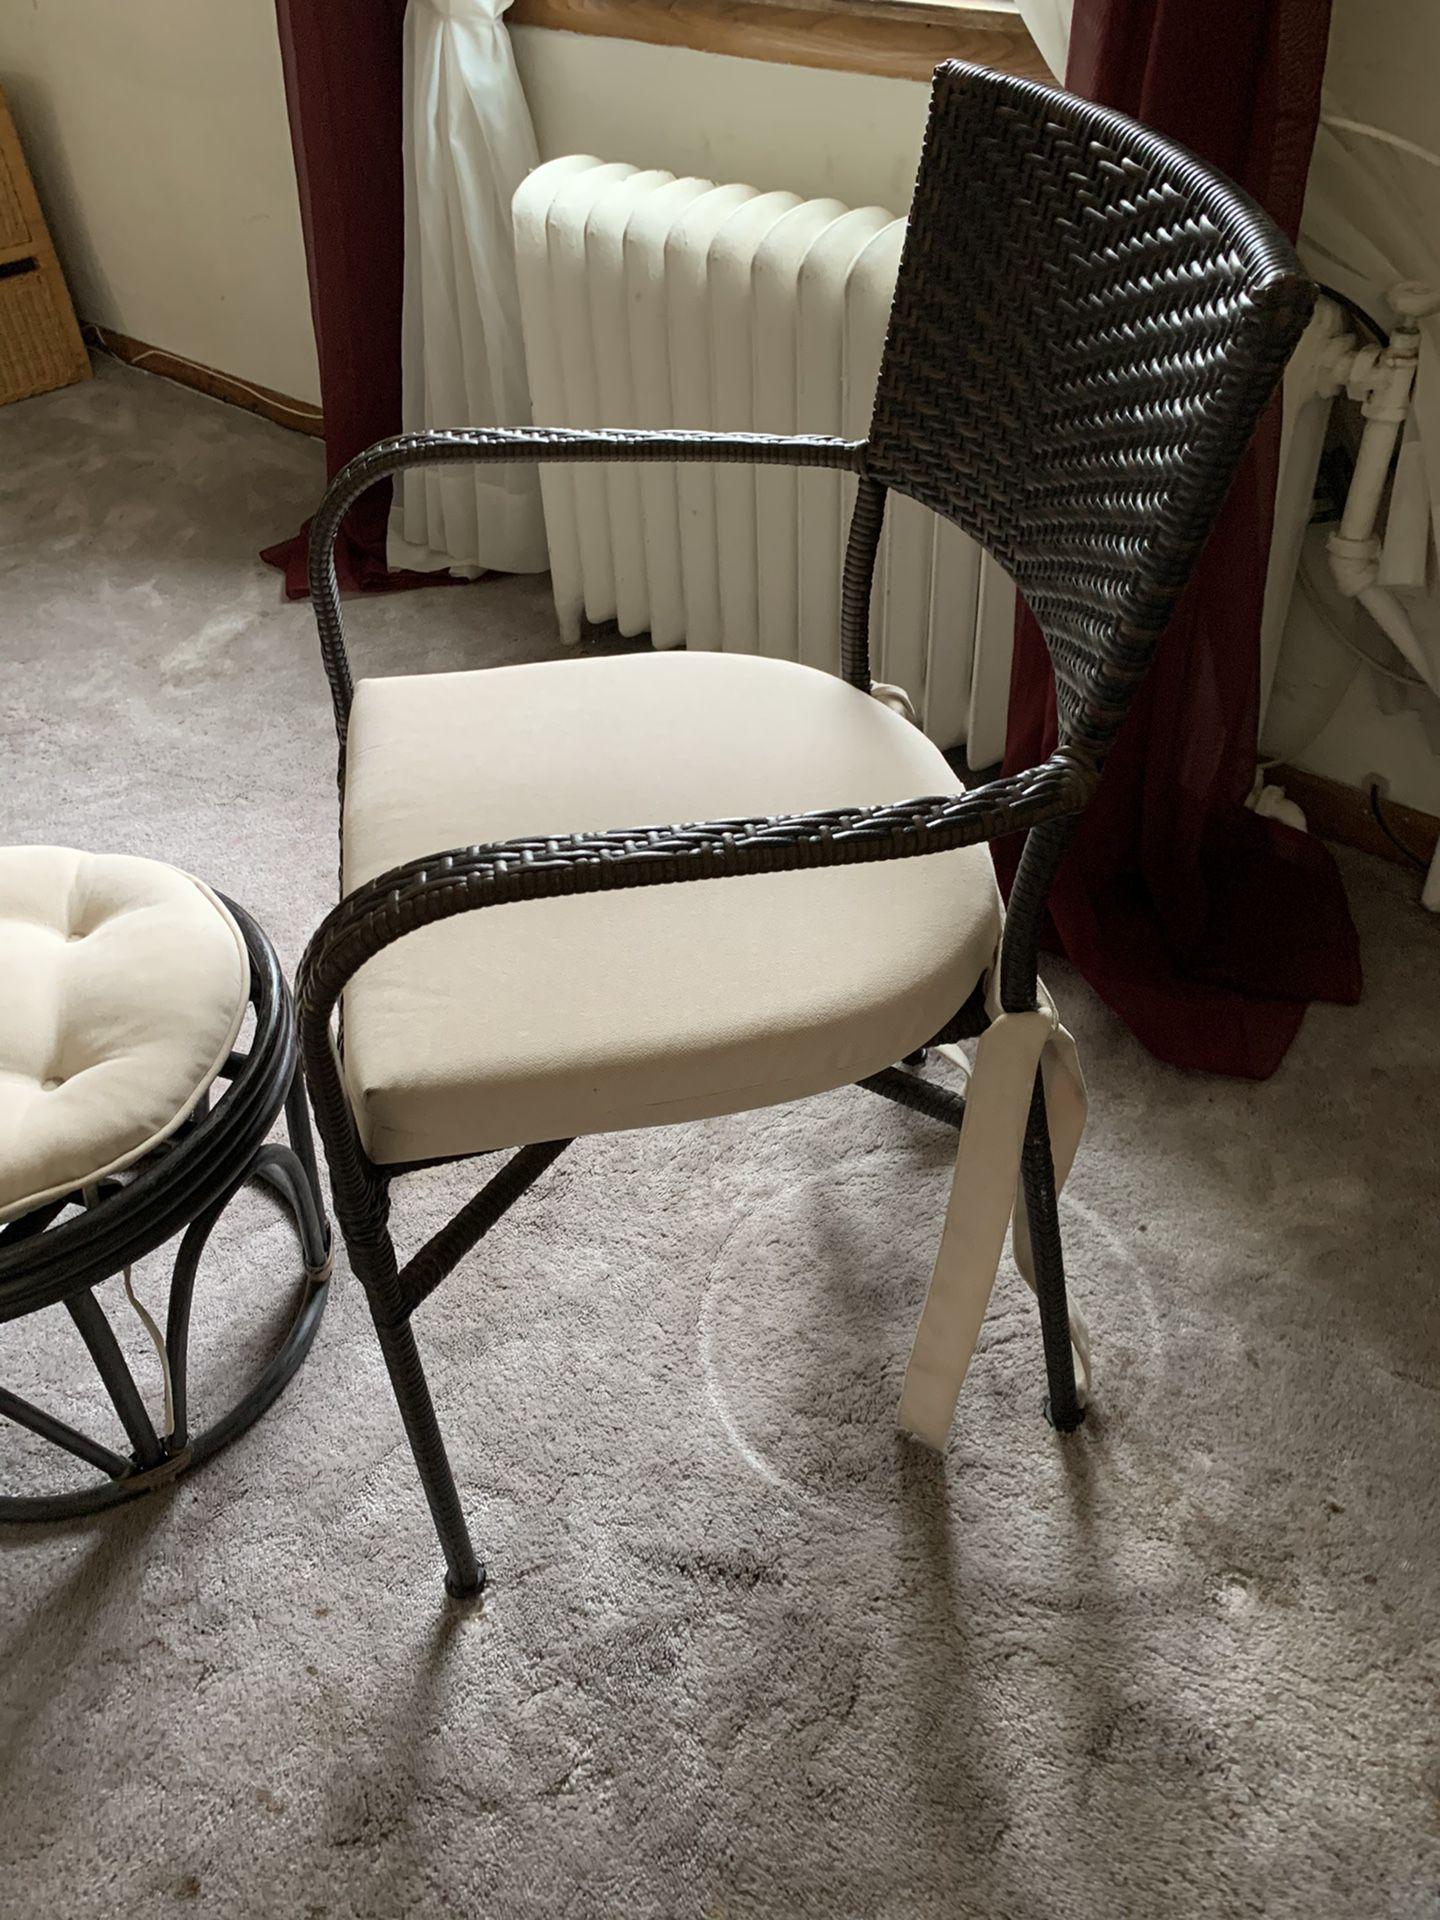 Wicker indoor/outdoor chair & ottoman